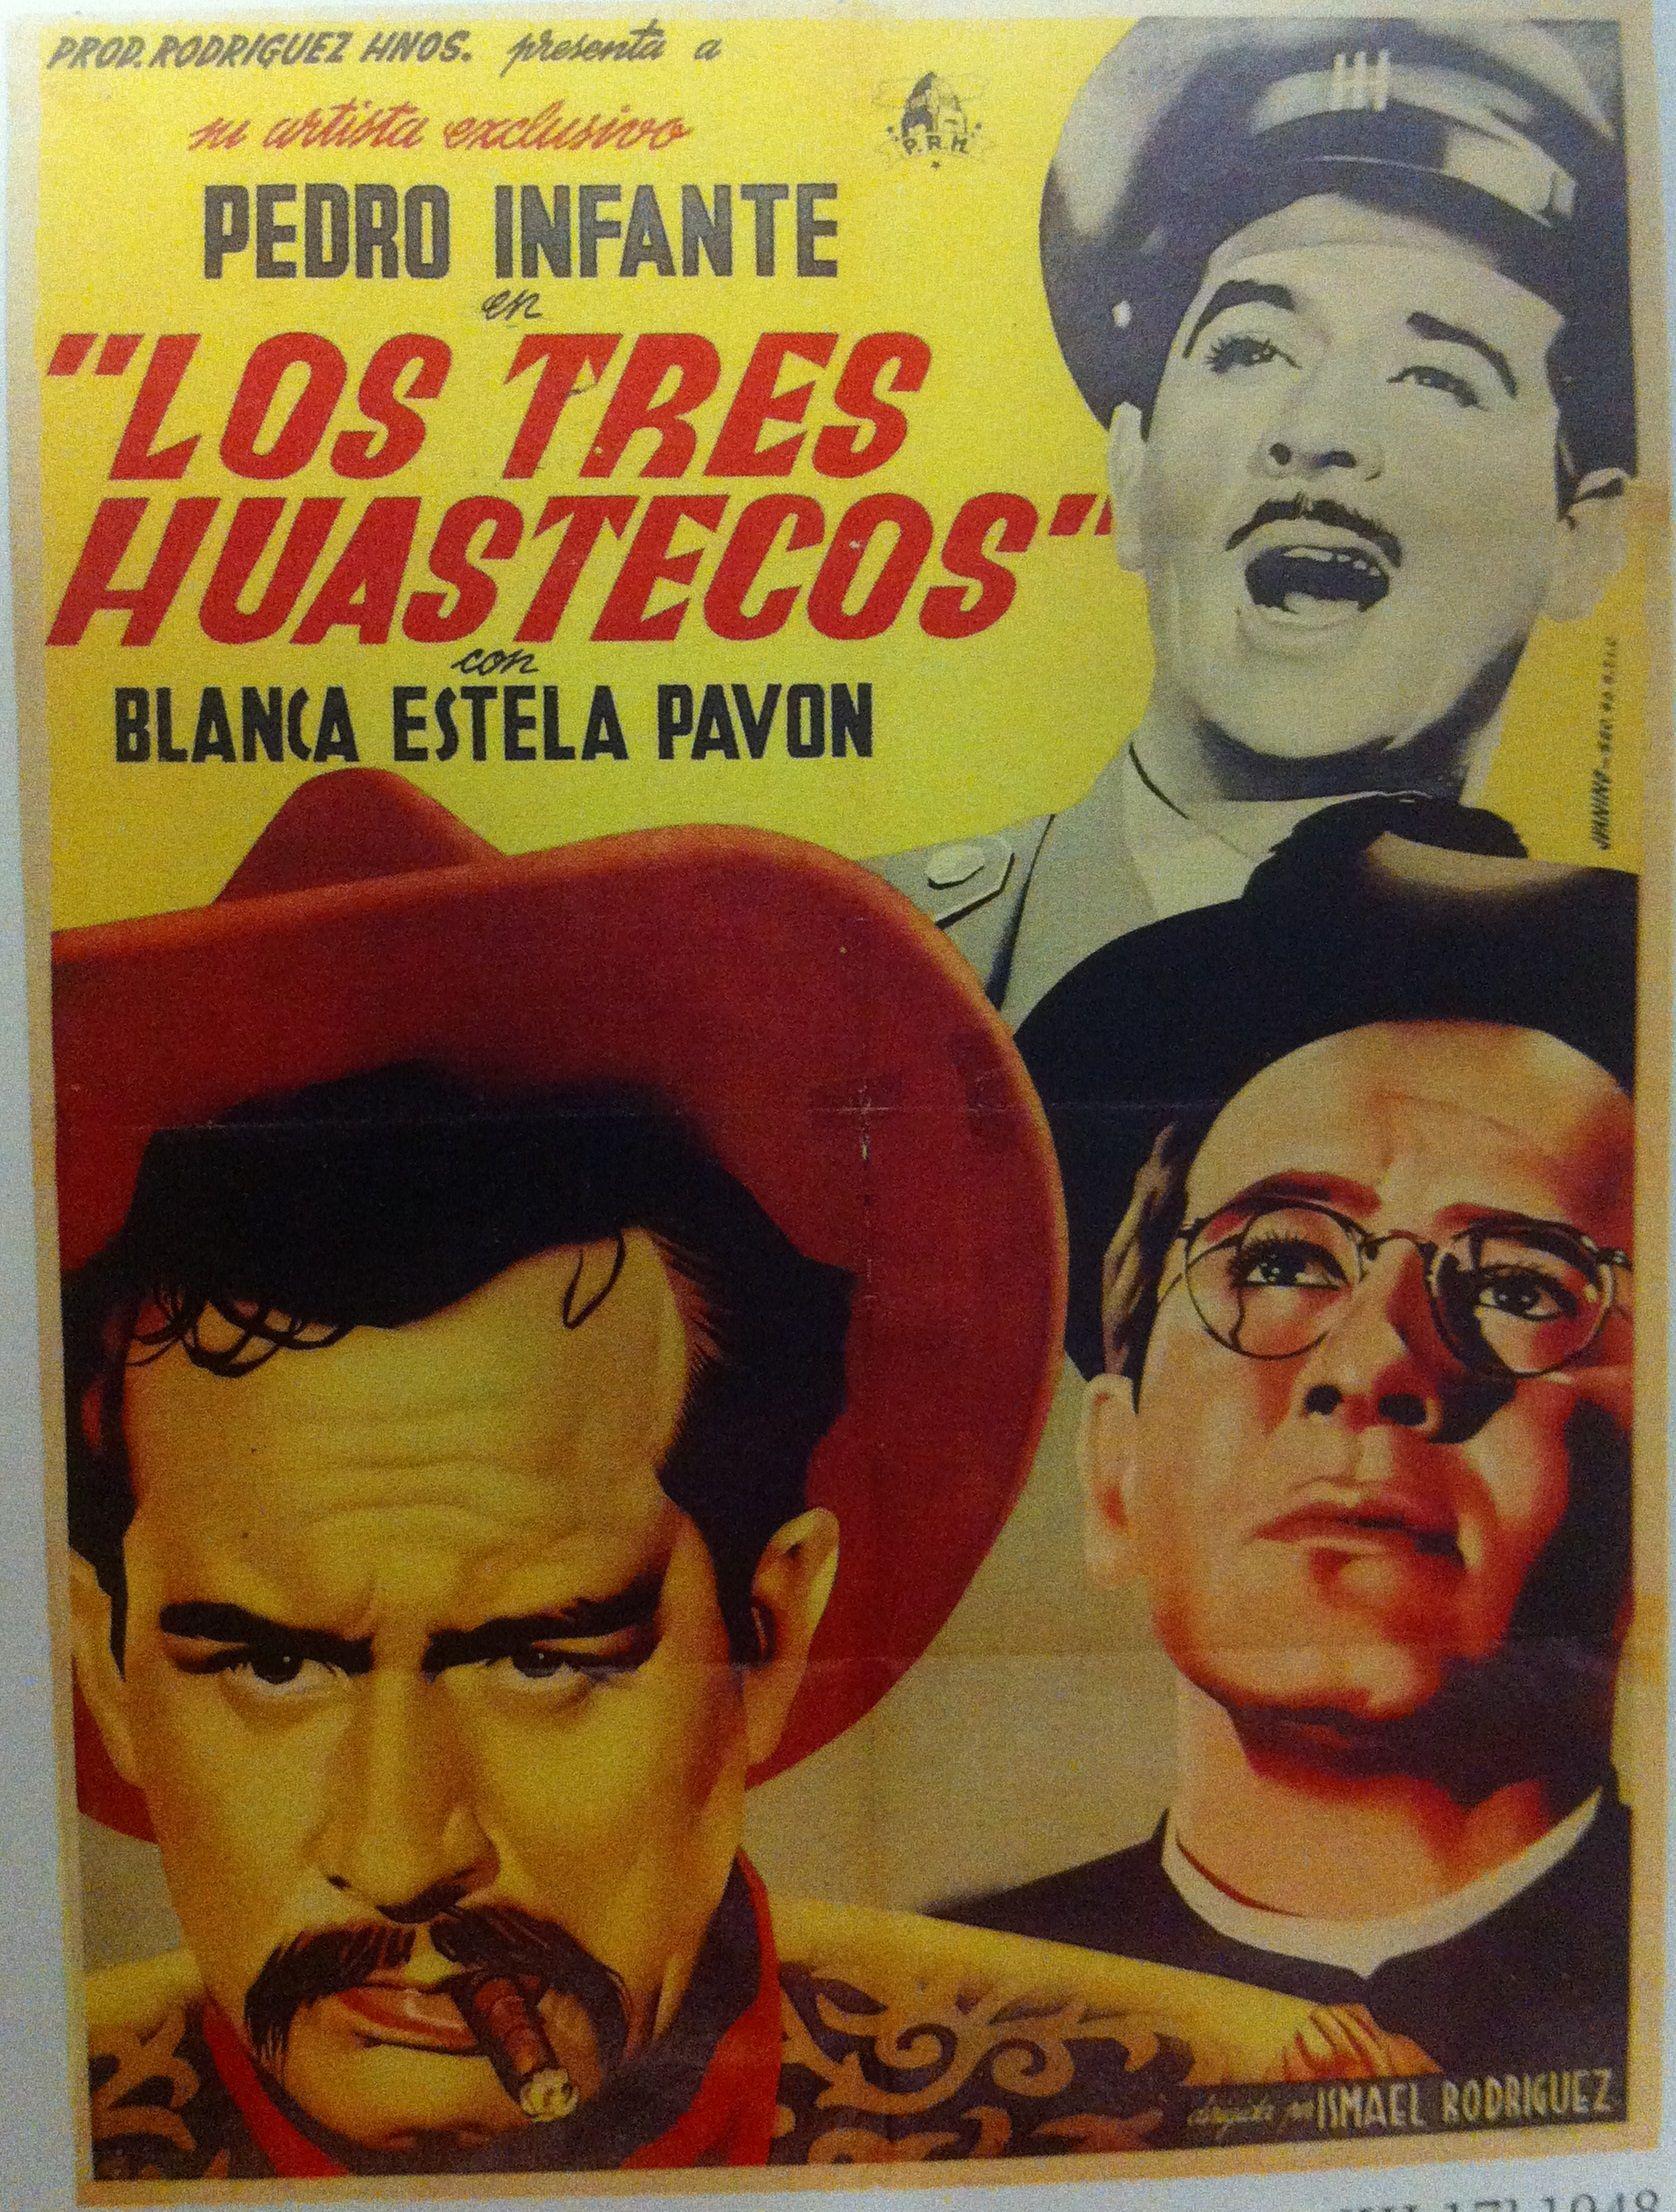 Pedro Infante Pedro Infante Y Pedro Infante Los Tres Huastecos Peliculas Del Cine Mexicano Pedro Infante Peliculas Cine De Oro Mexicano